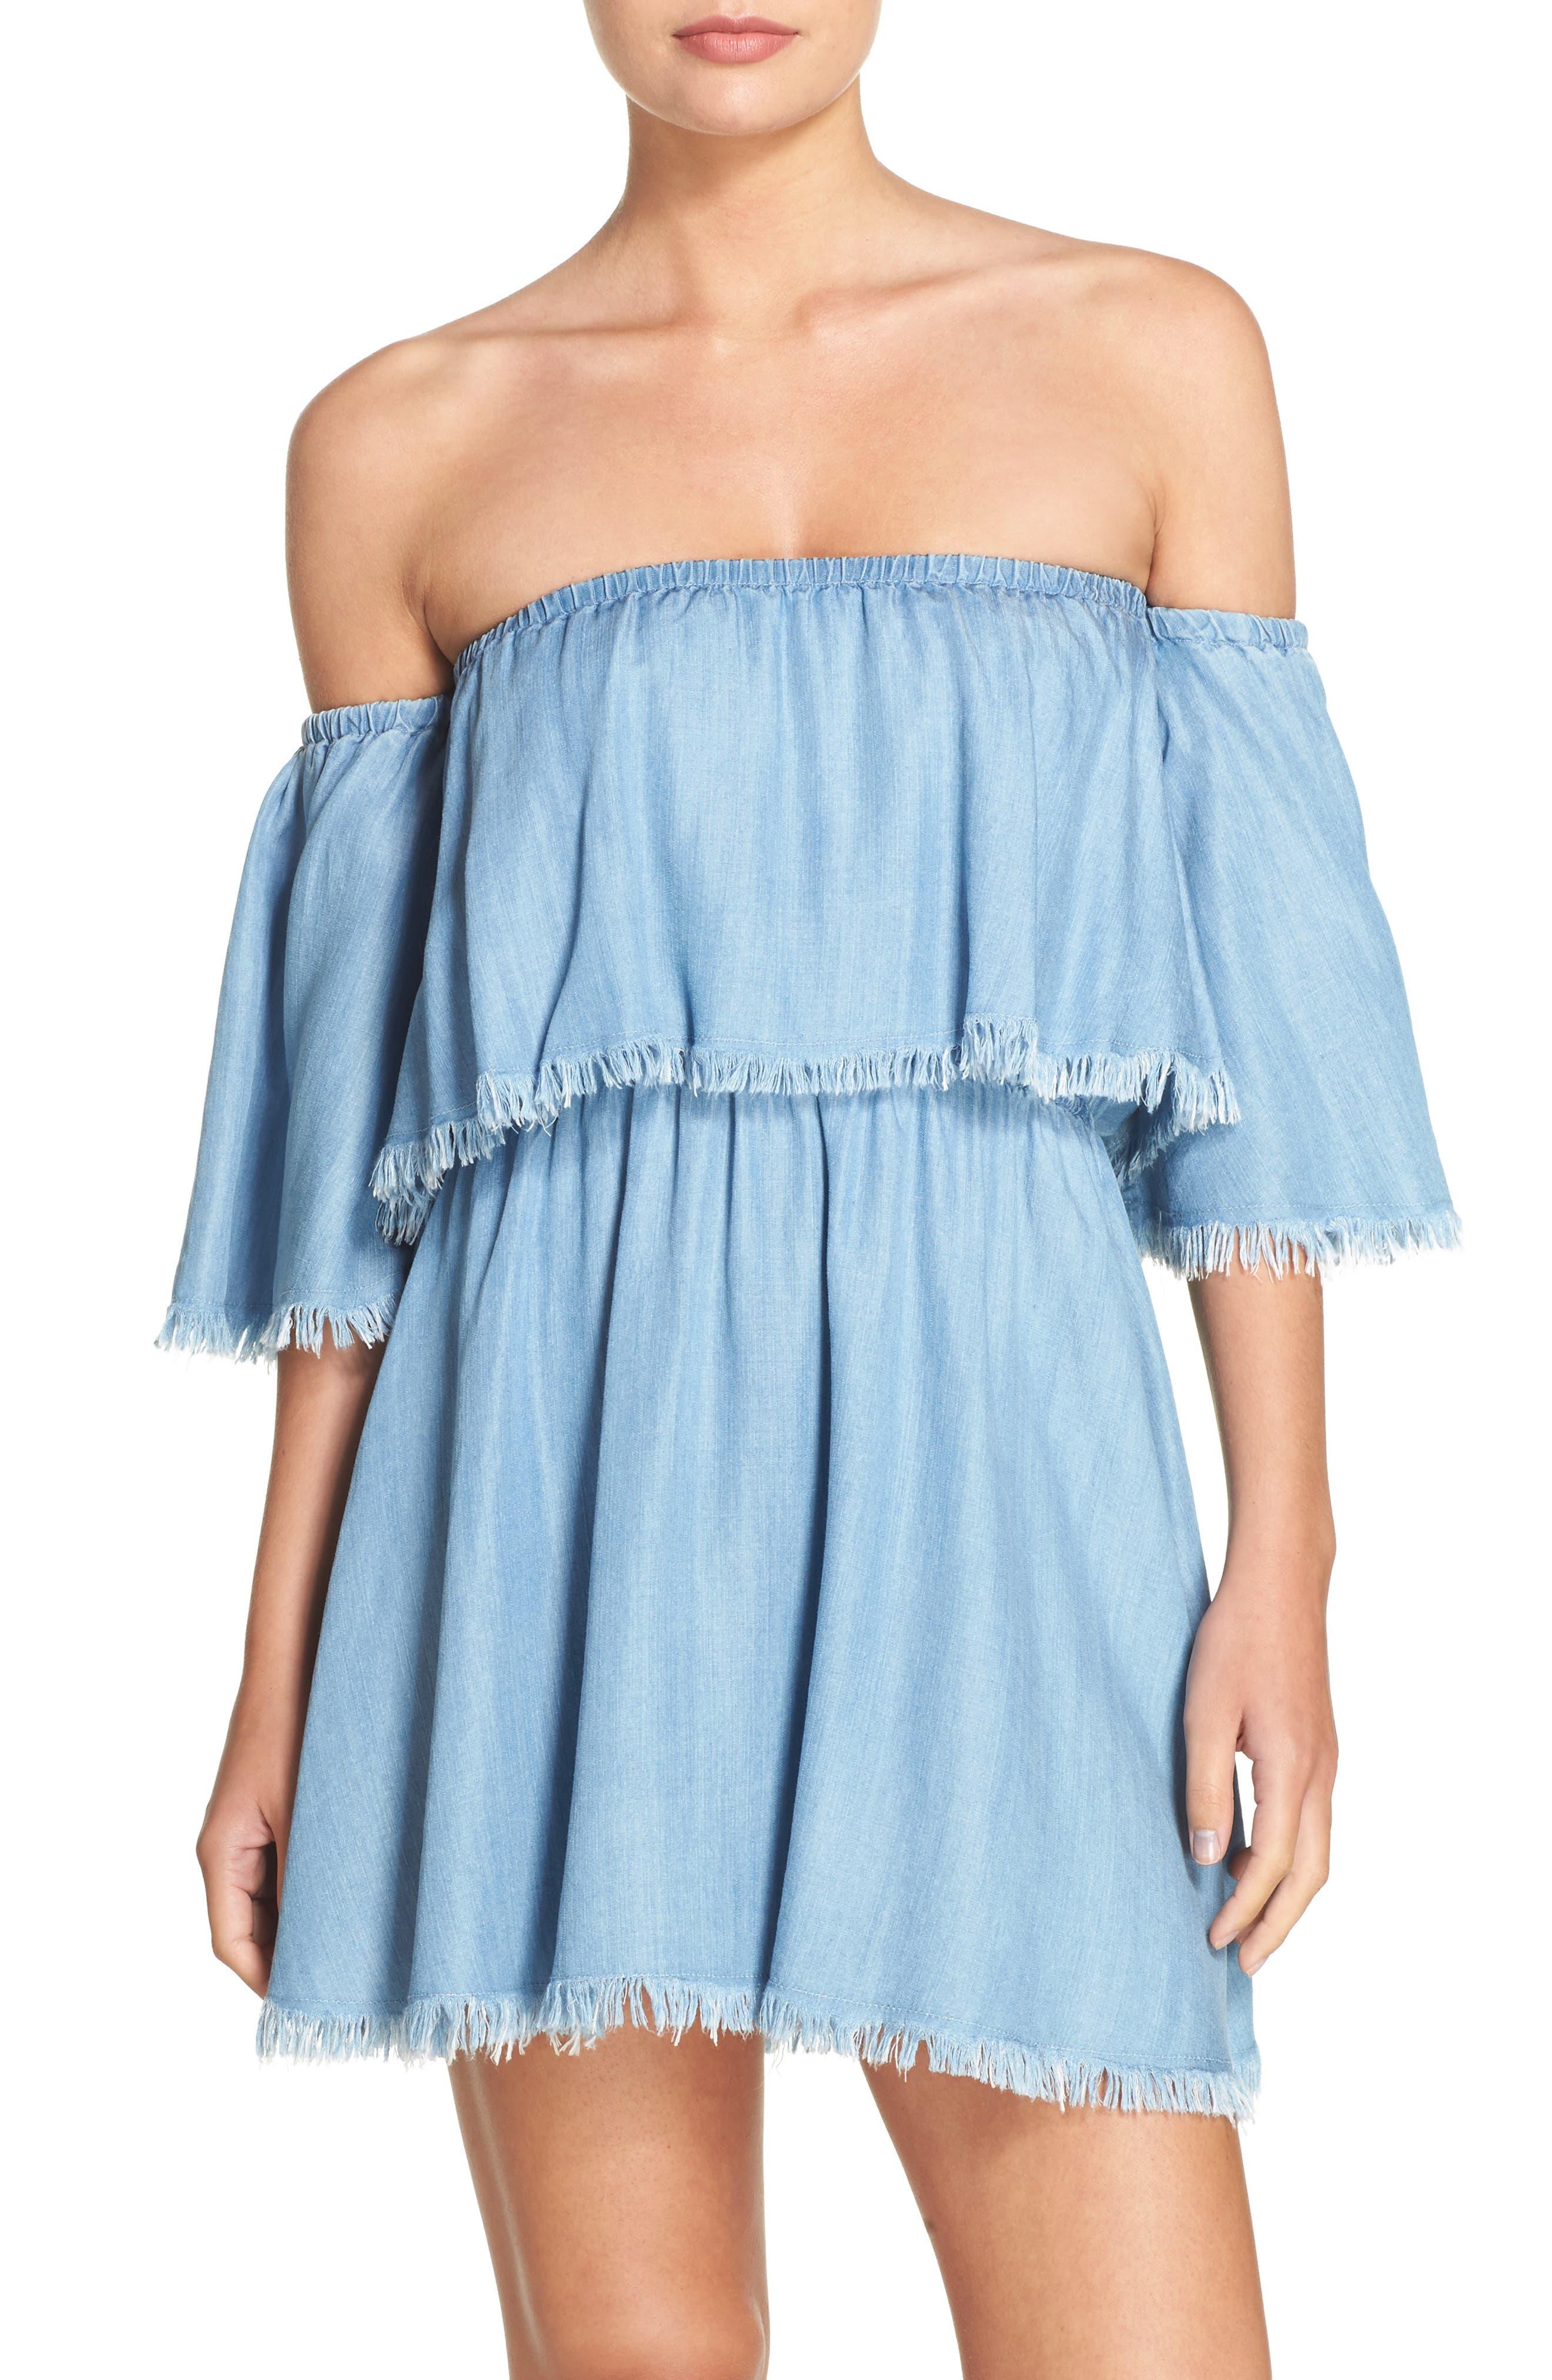 Elan Off the Shoulder Cover-Up Dress